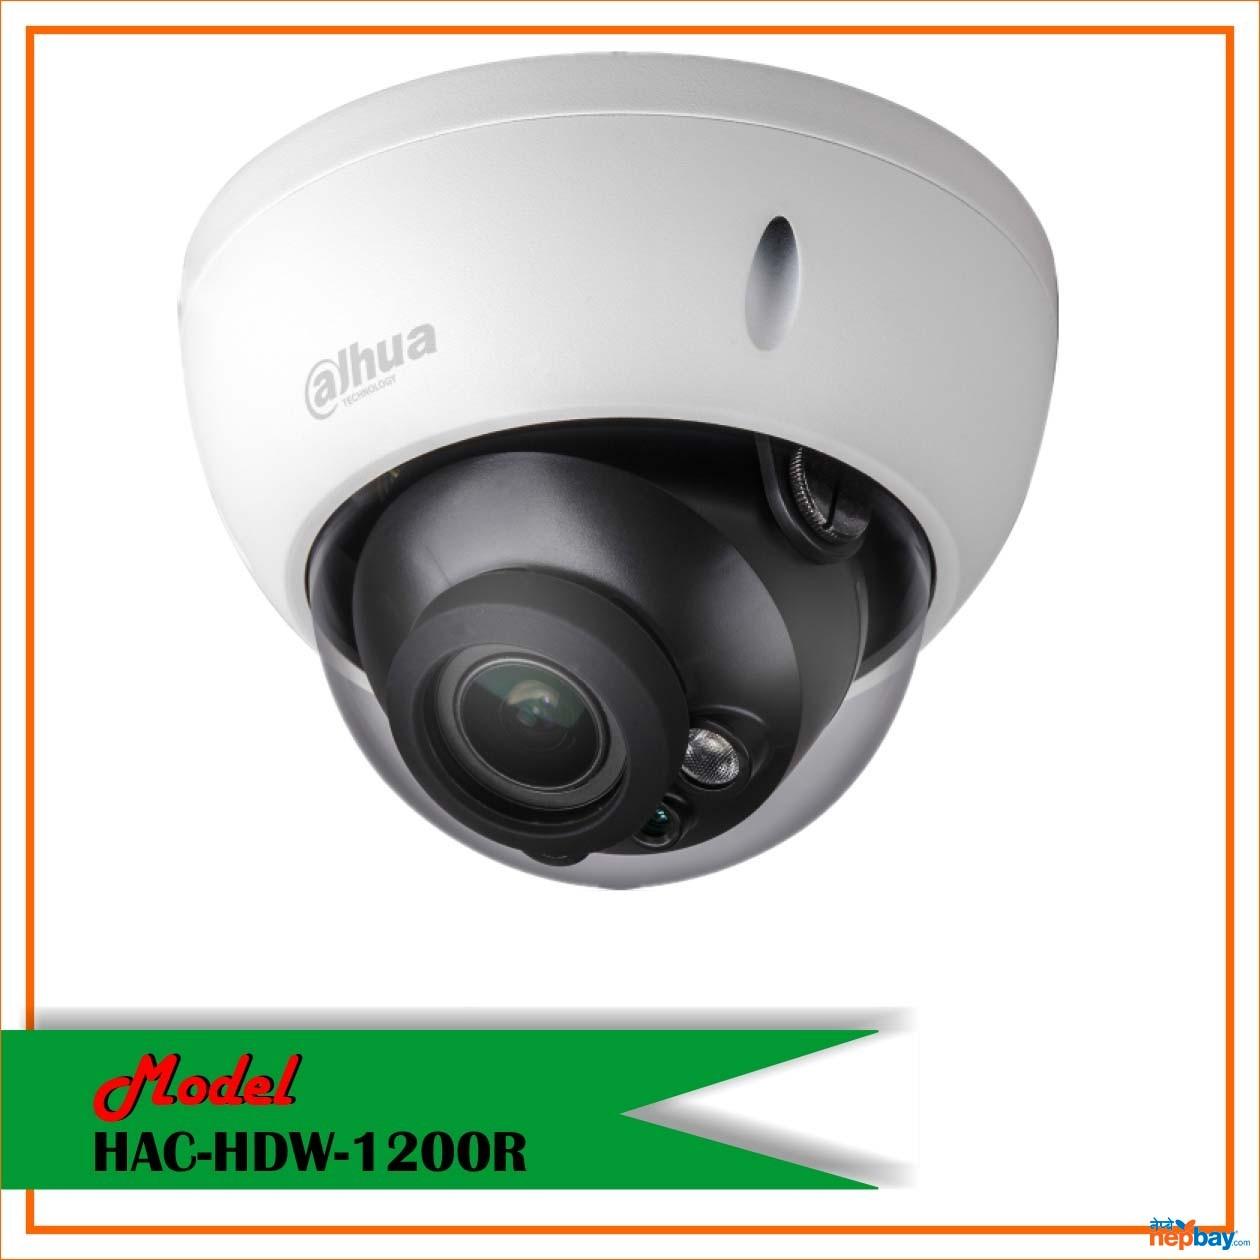 Dahuwa CCTV Cameras-HAC-HDW 1200R